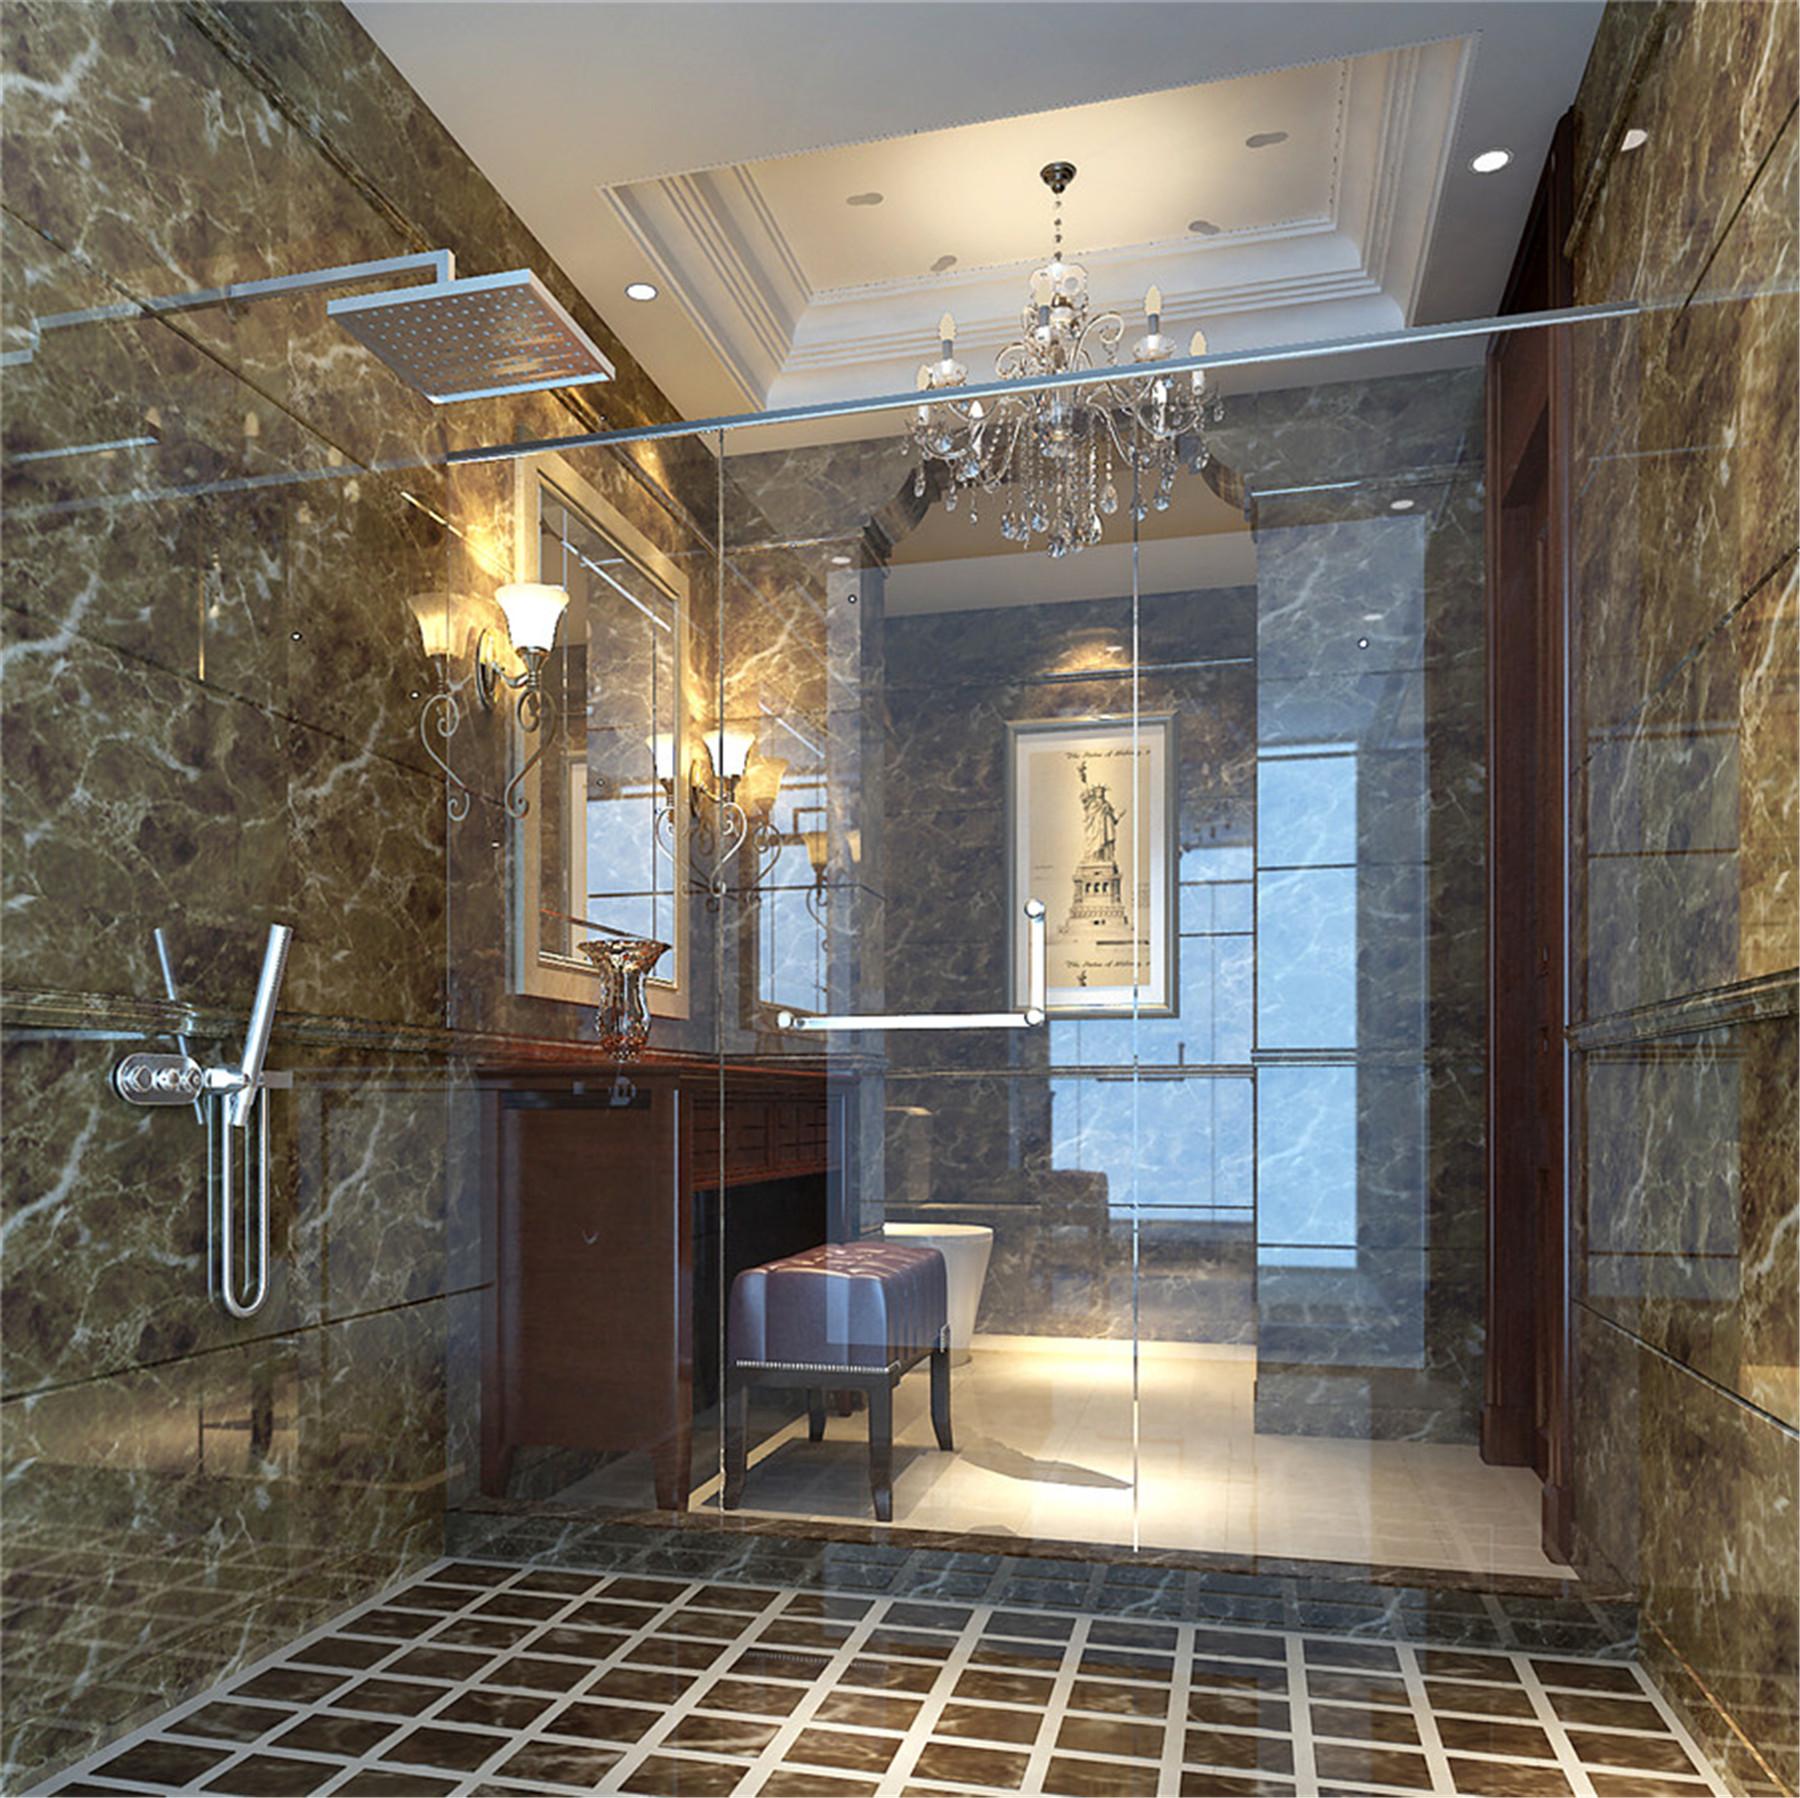 黄兴绿园 装修设计 现代风格 腾龙设计 季蓓菁作品 卫生间图片来自腾龙设计在黄兴绿园别墅装修现代风格设计的分享